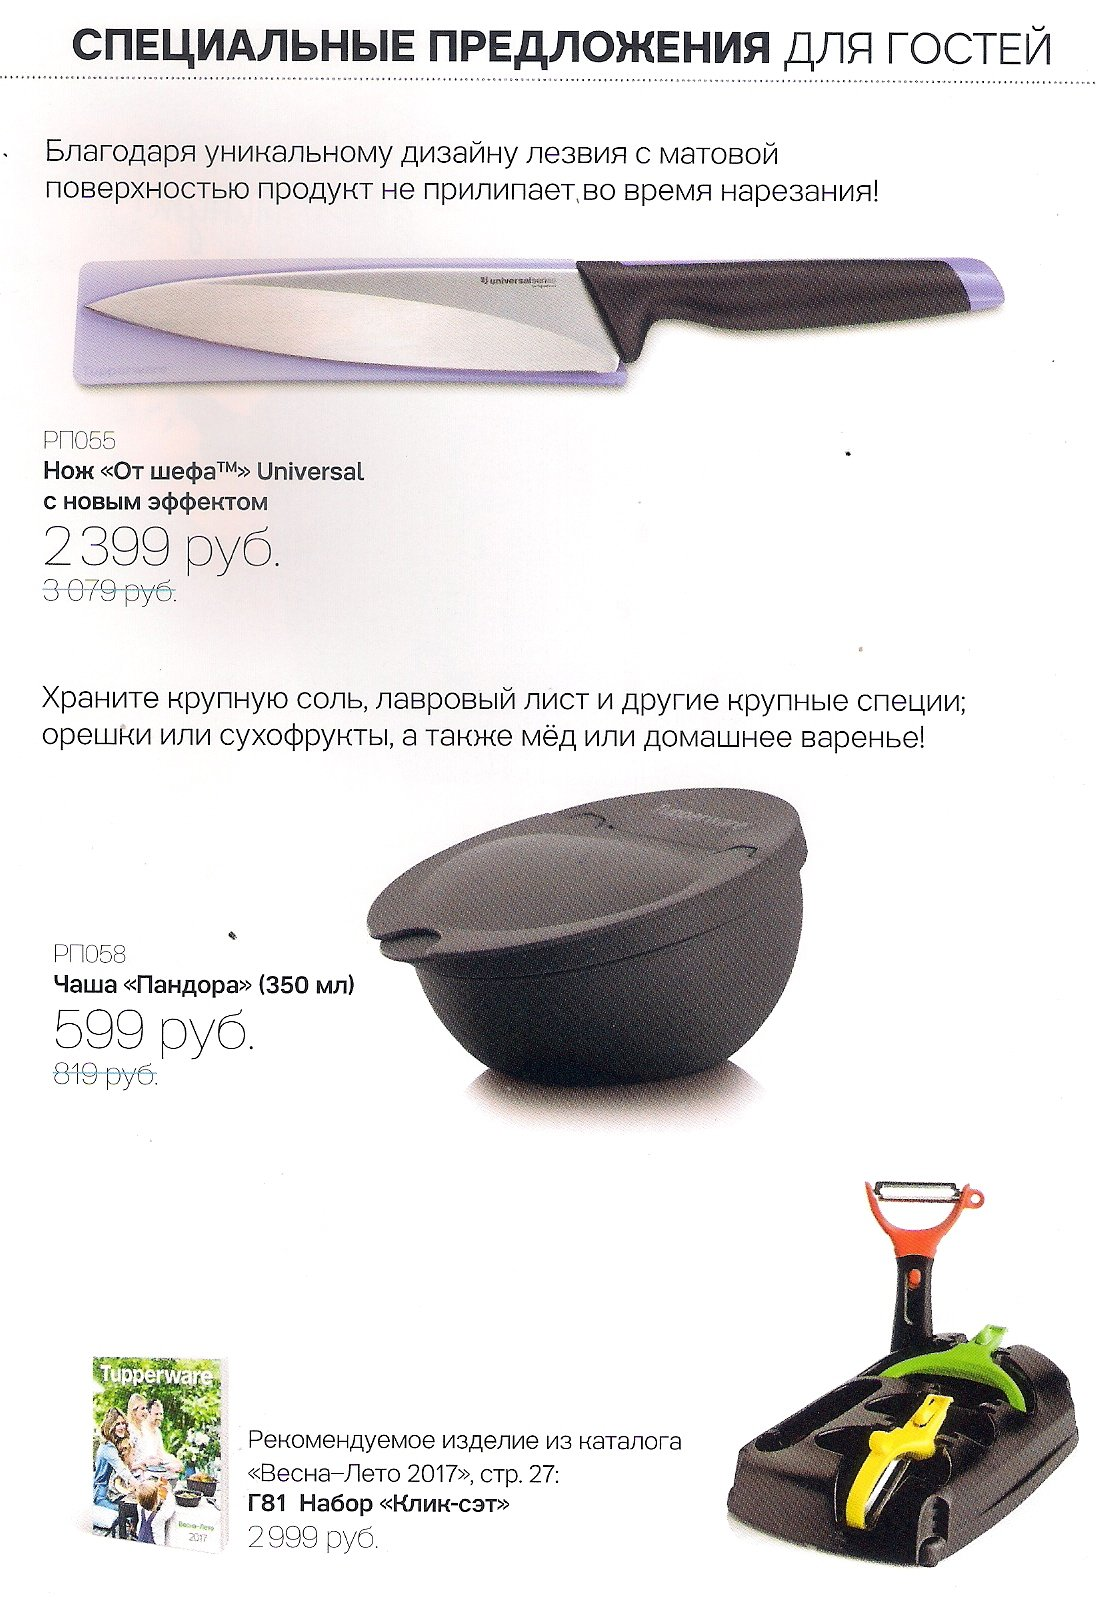 http://tupperware-online.ru/images/upload/7H.jpg